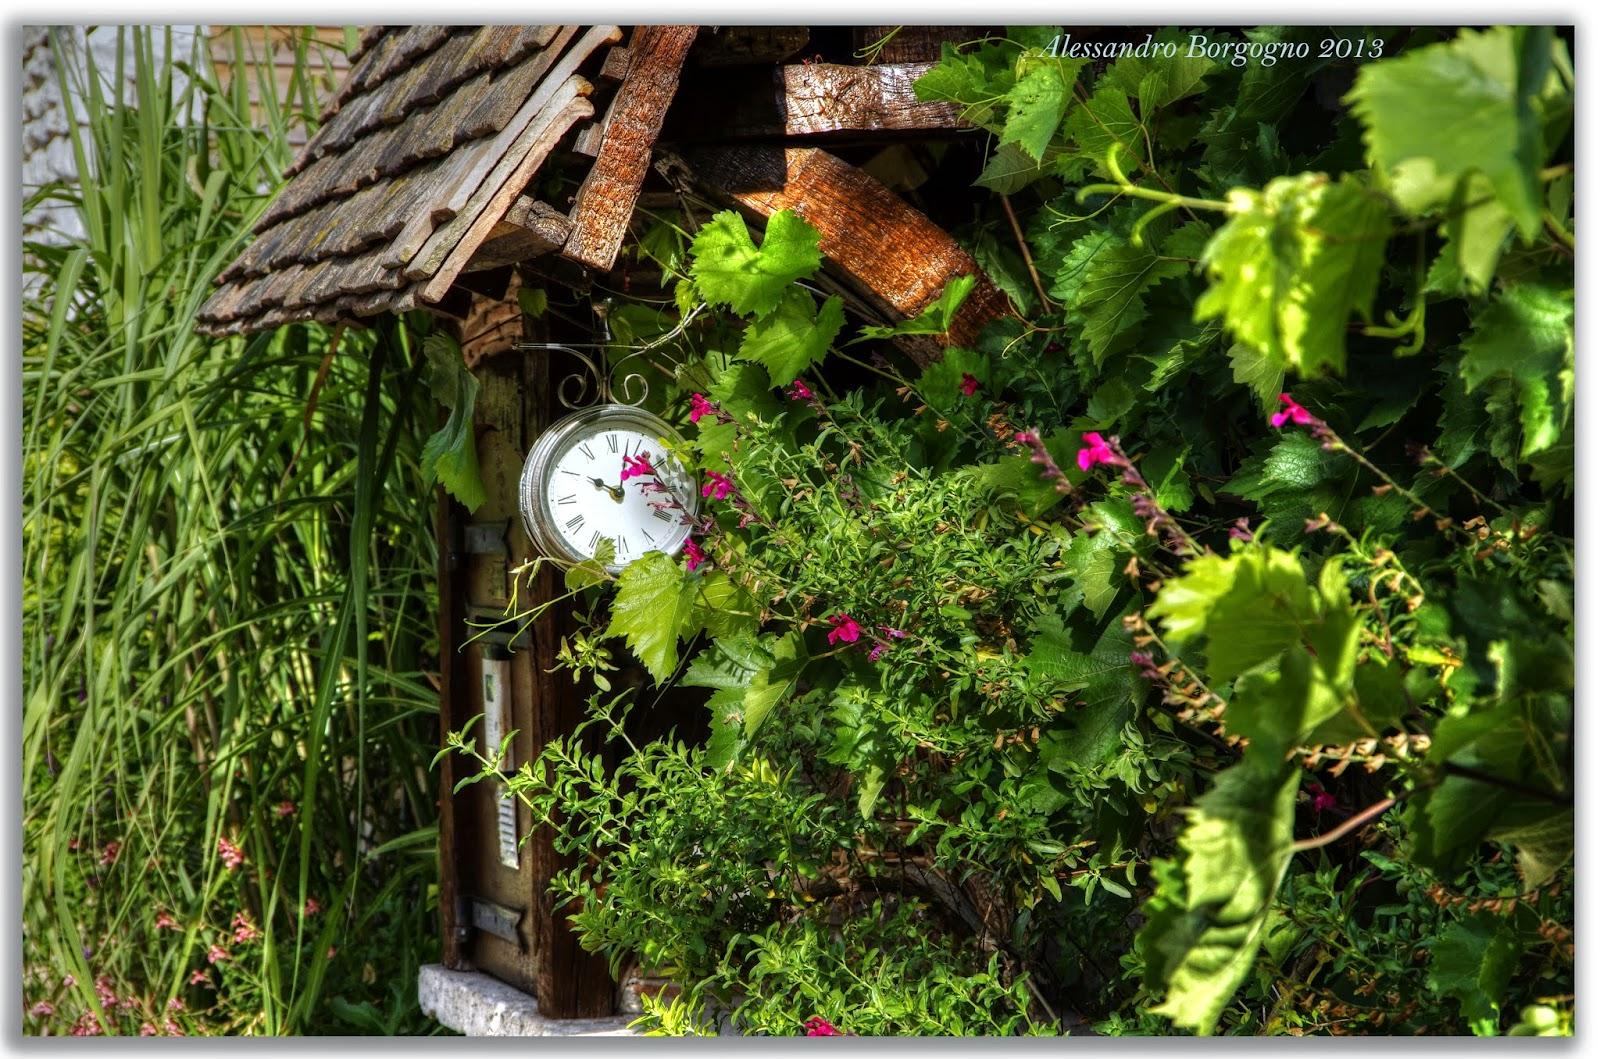 Lampade solari da giardino ikea : La kasa imperfetta: maggio 2015